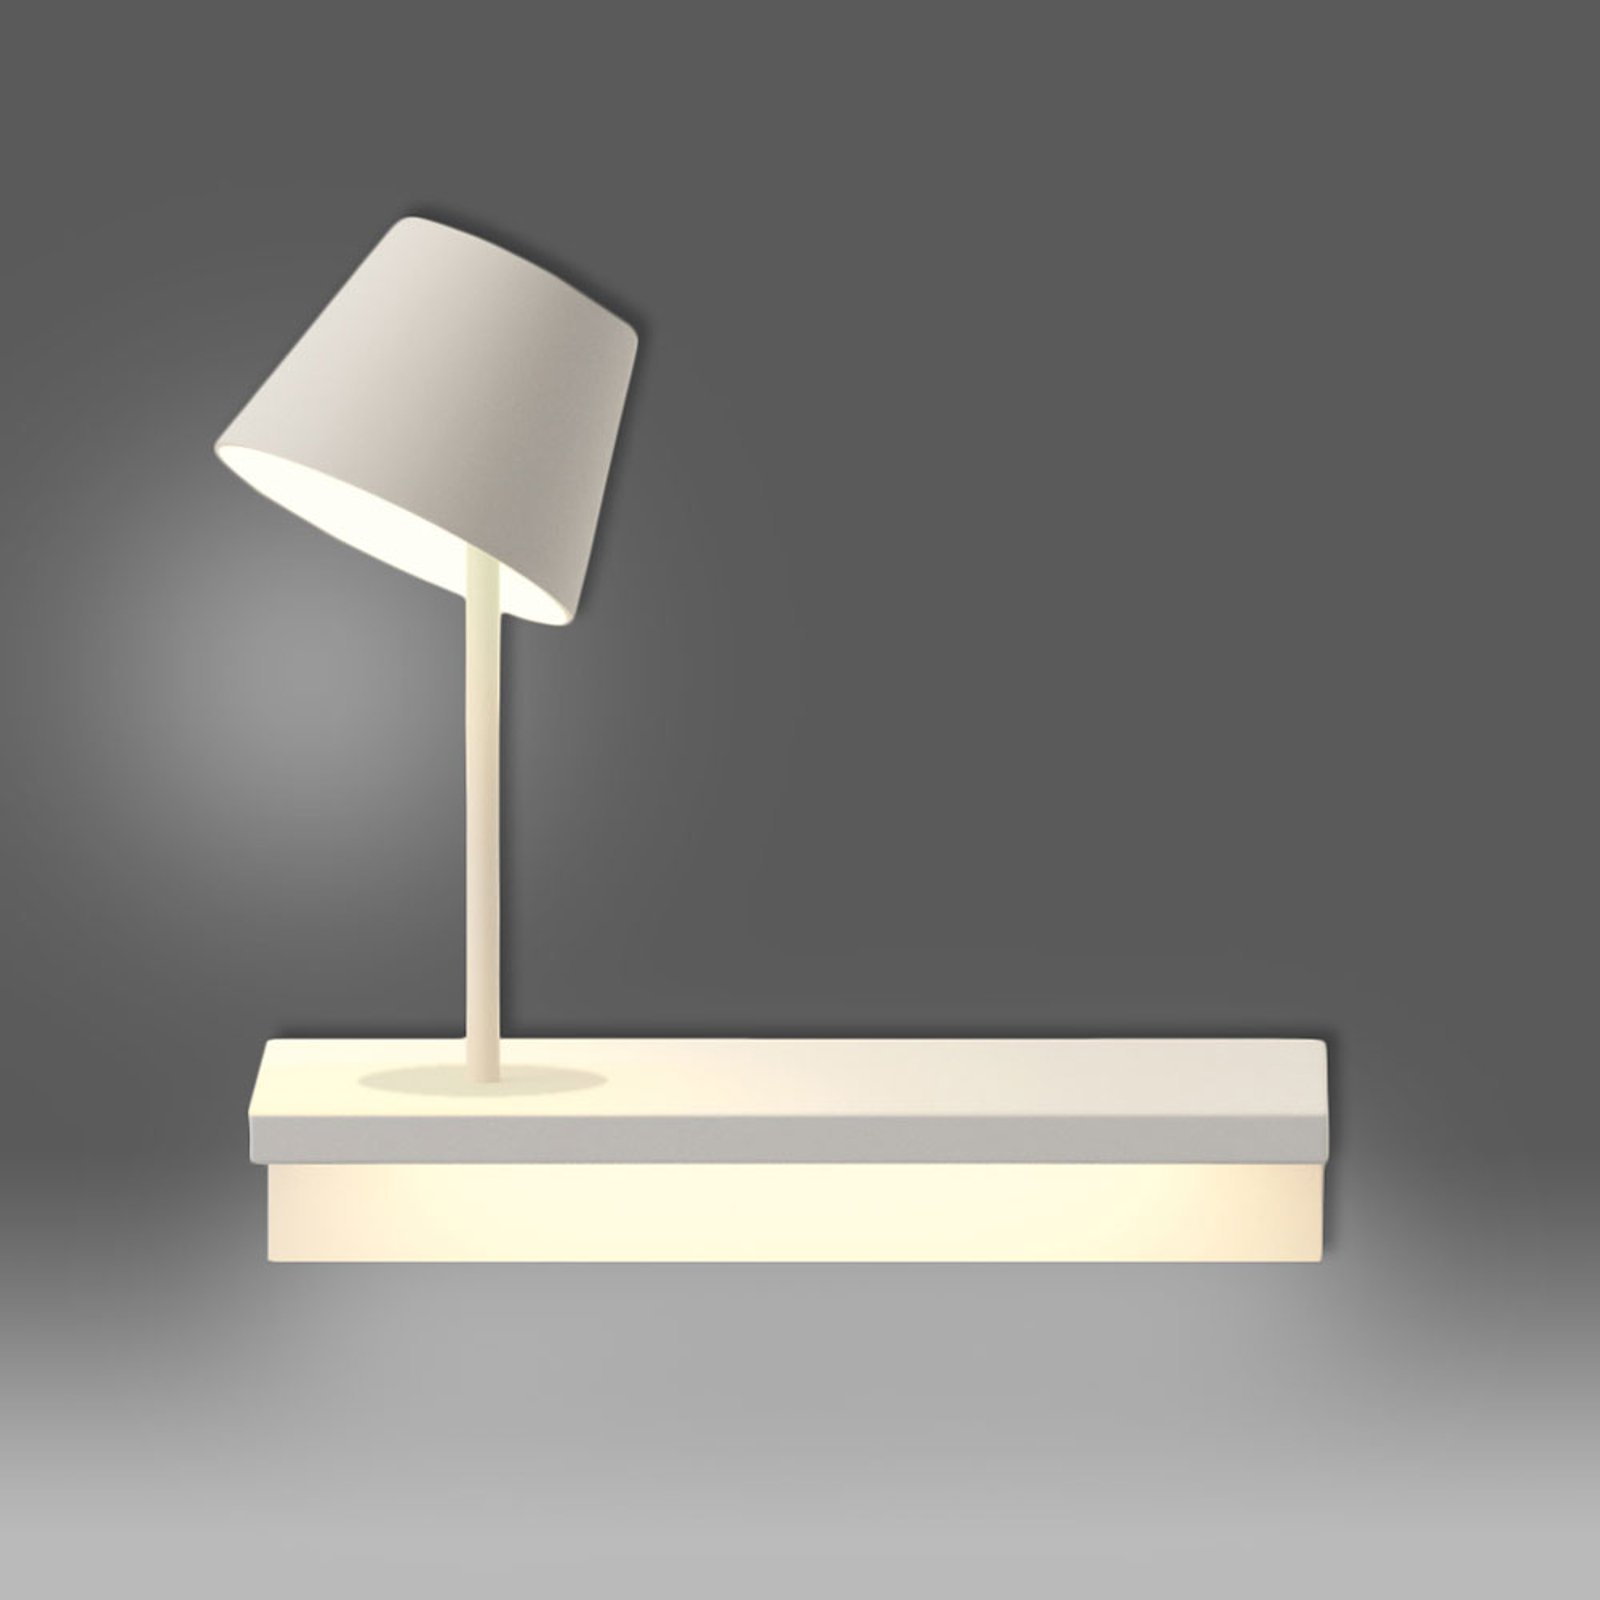 Suite moderne LED vegglampe 29 cm